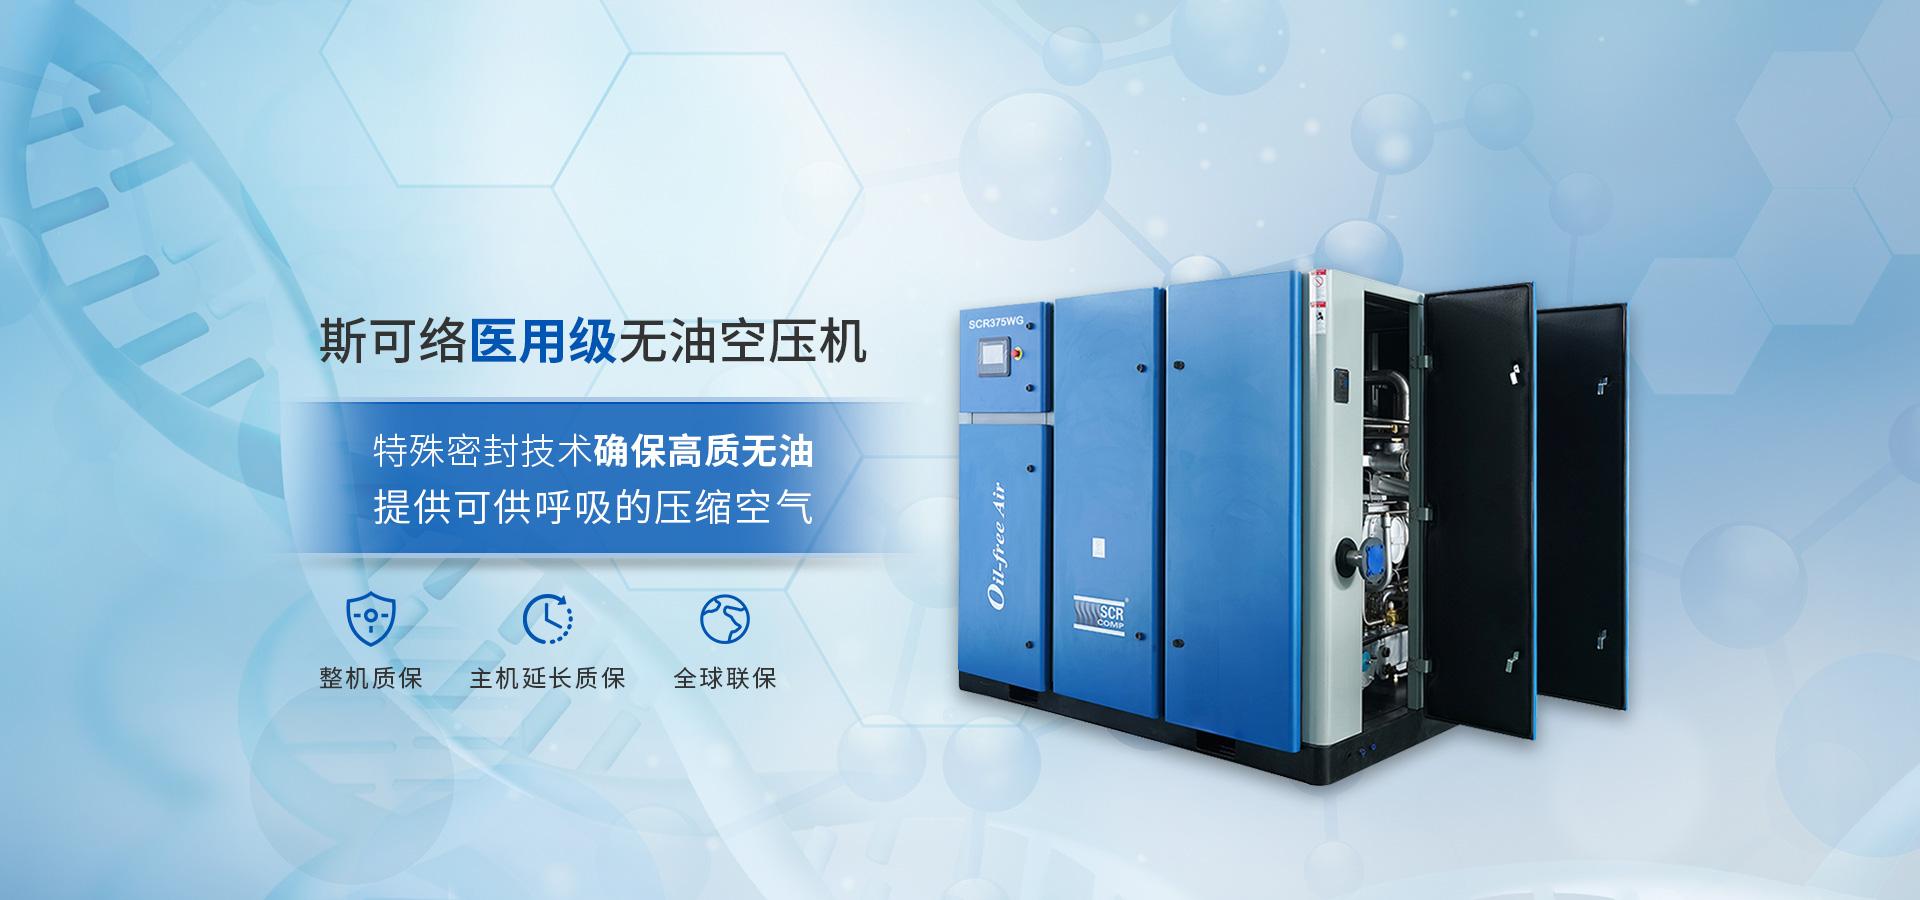 斯可络引进日本技术及质量管理体系 全球300多家网点   提供节能空压系统方案与技术支持